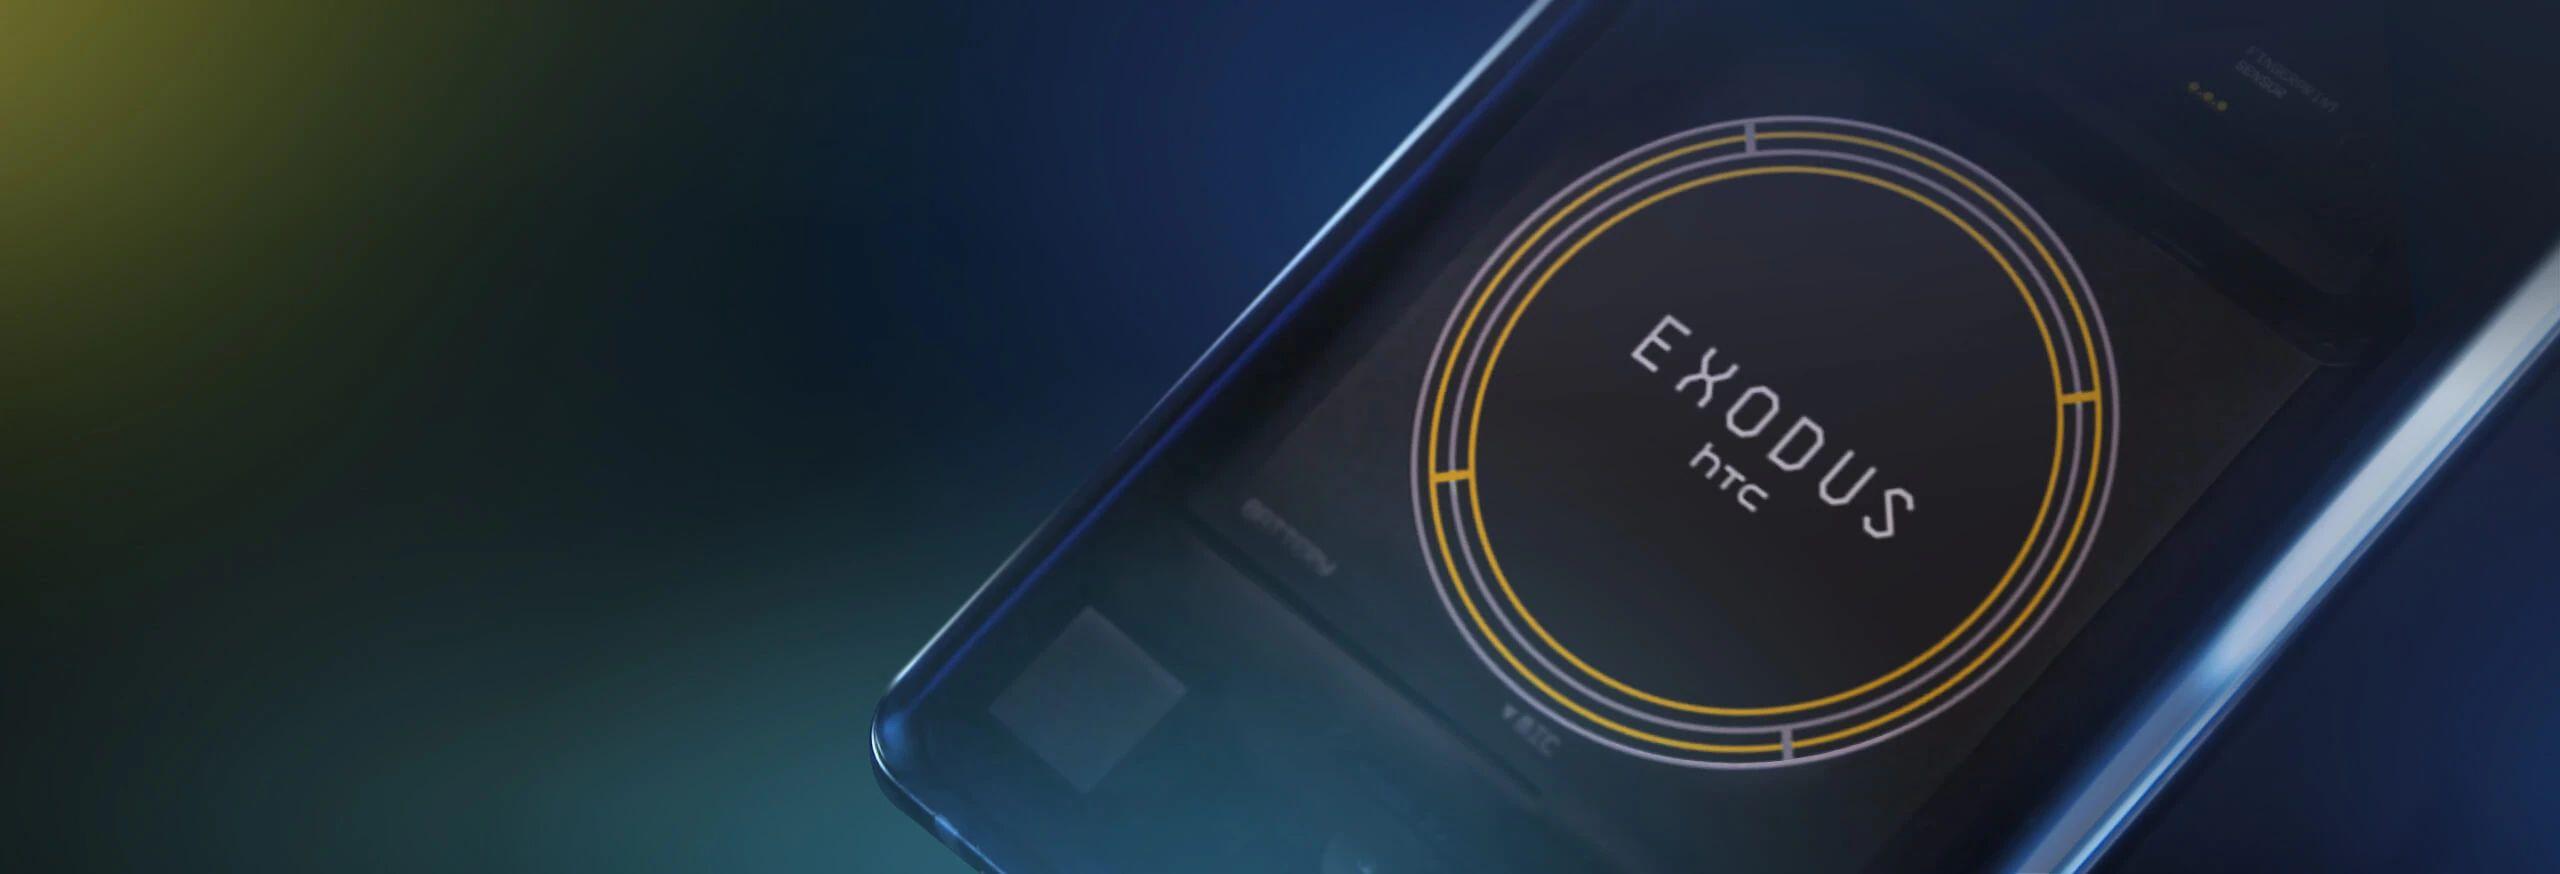 HTC 与 Bitcoin.com 宣布EXODUS将原生支援比特币现